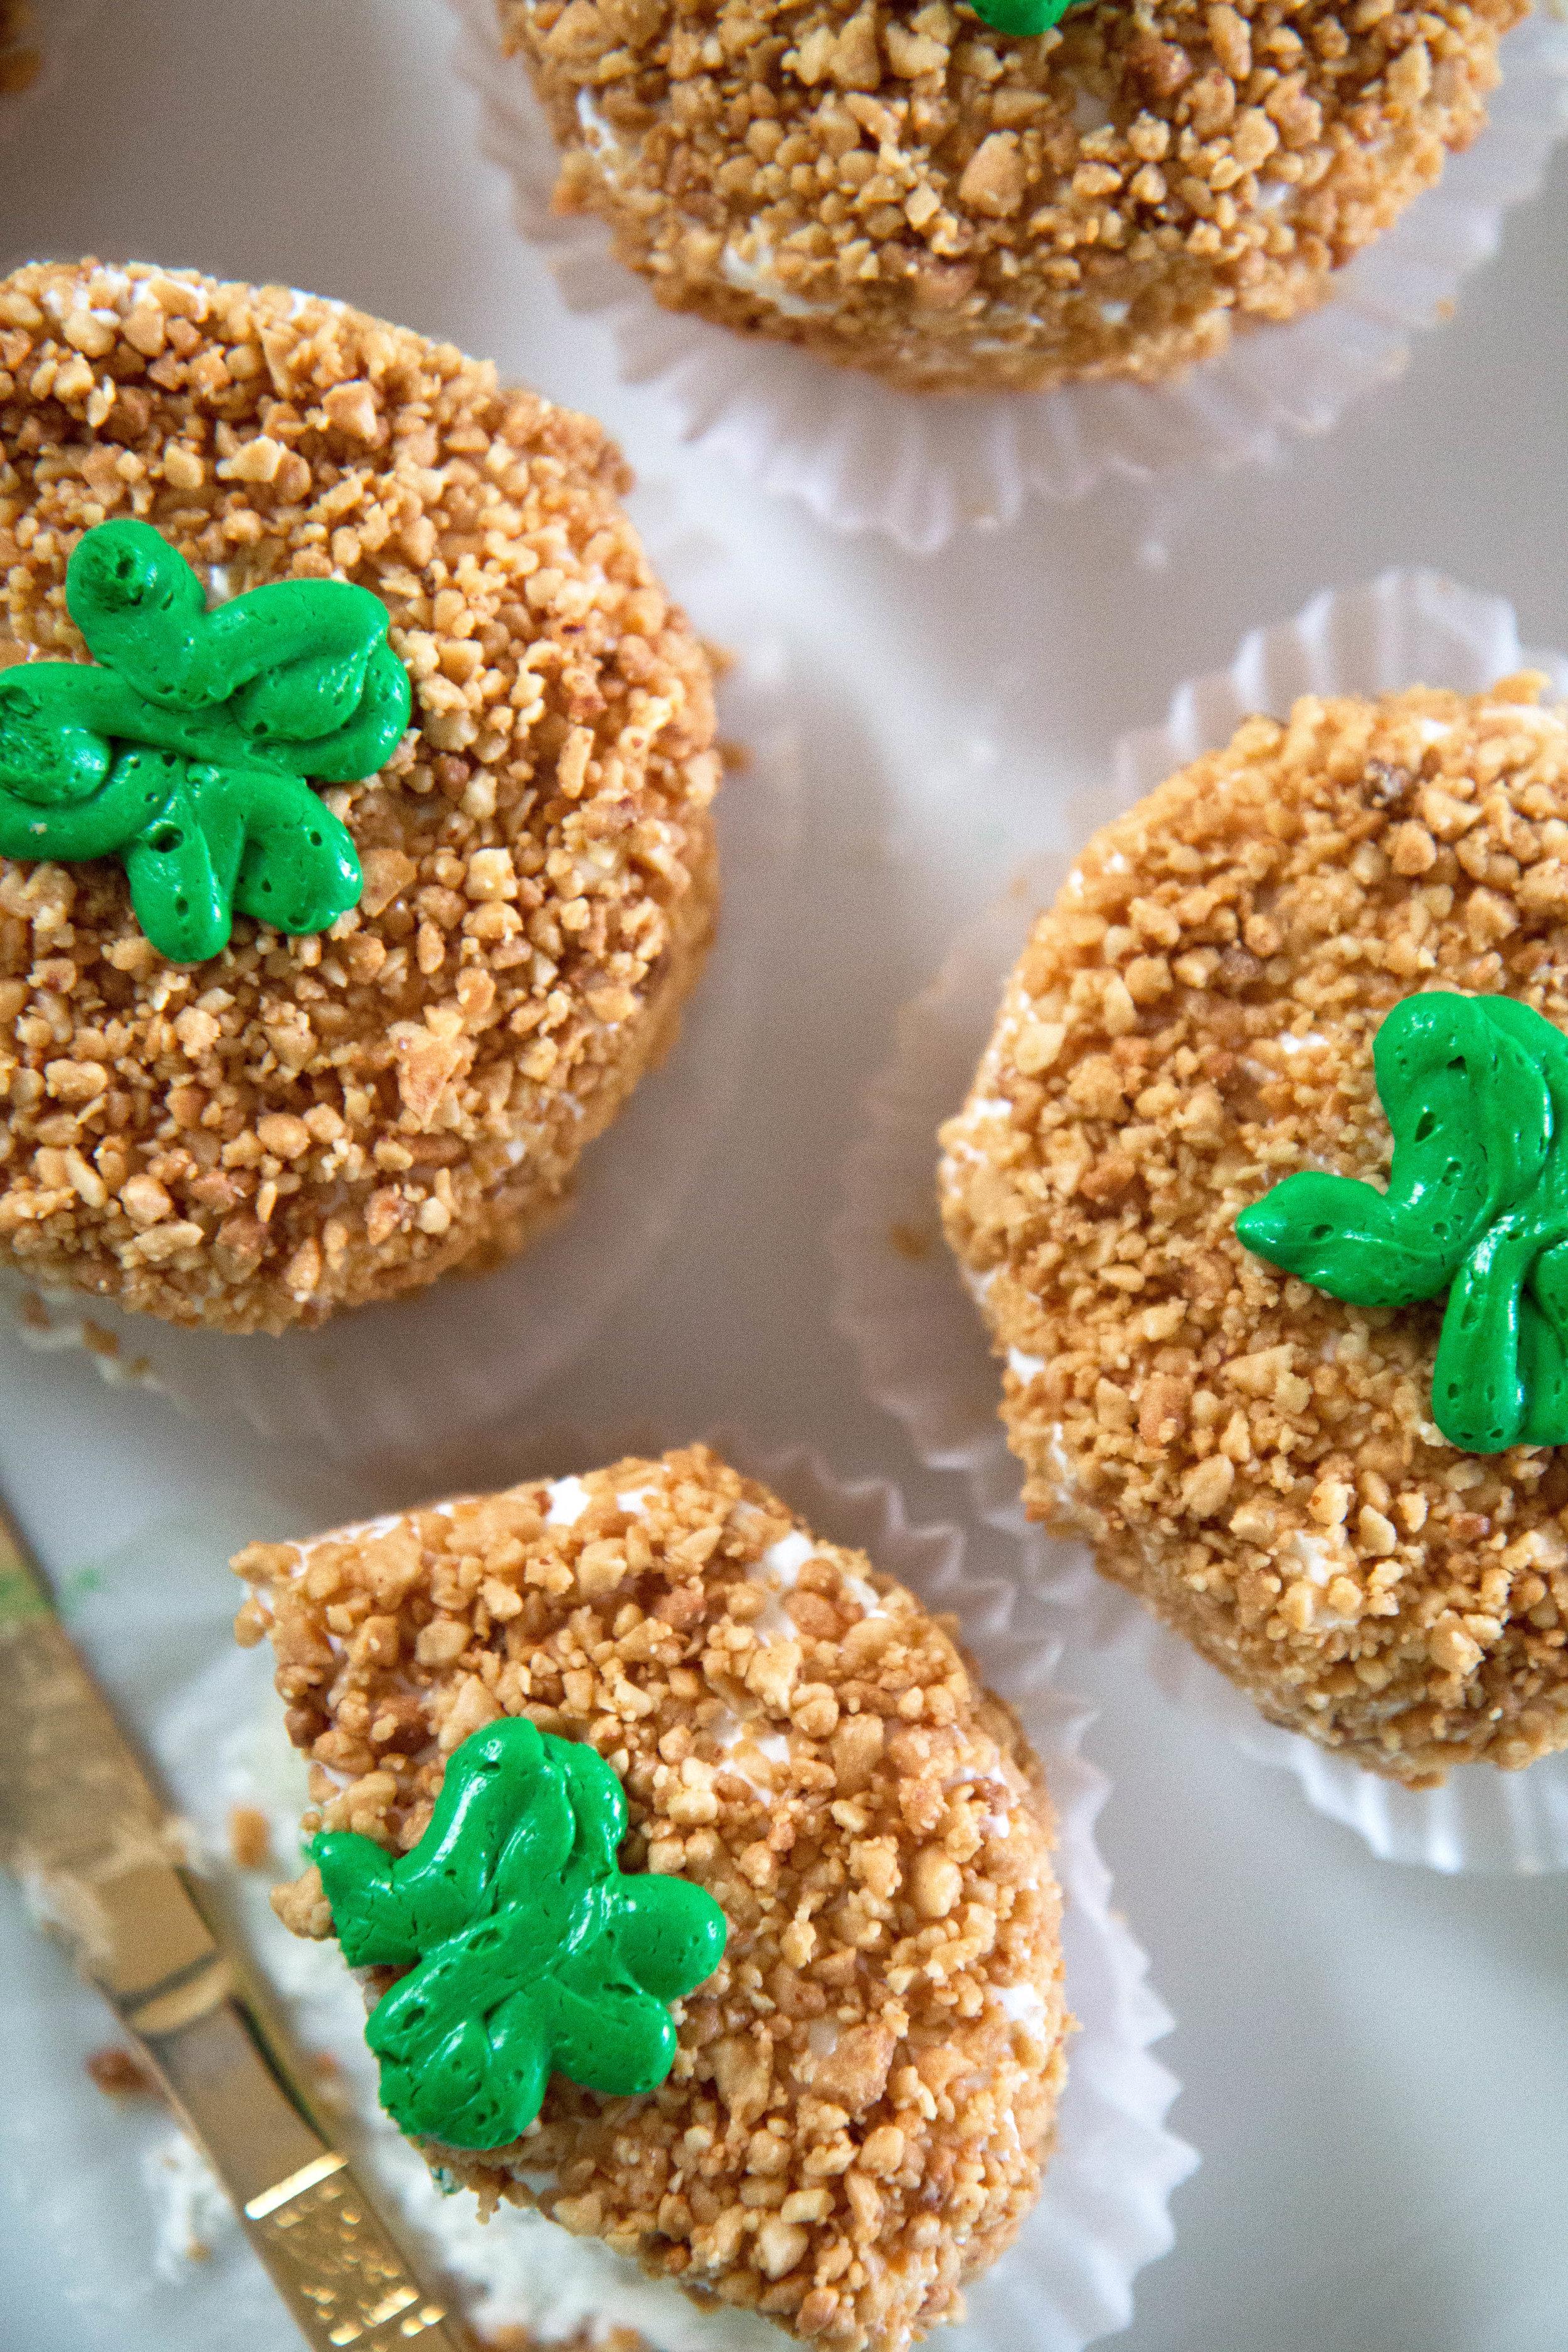 Blarney Stone Mini-cakes for St. Patrick's Day